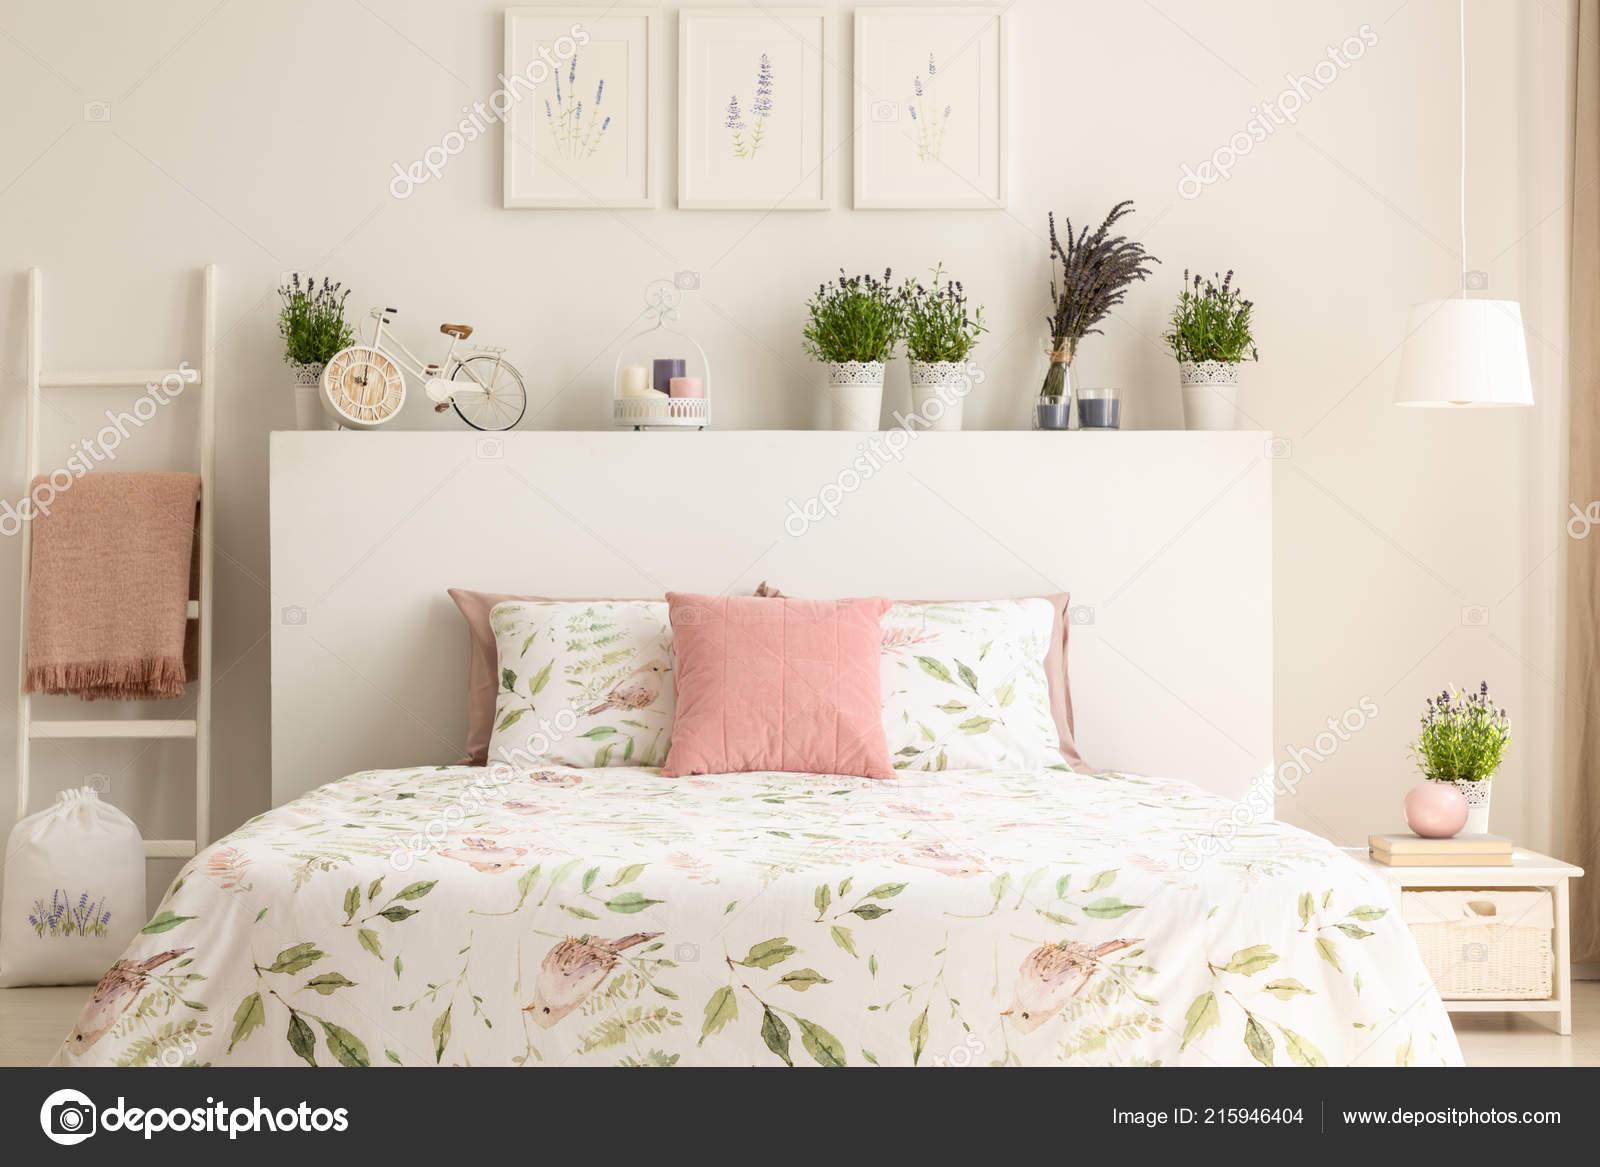 Poduszka Wzorem Pink łóżko Zagłówkiem Sypialni Białe Wnętrze